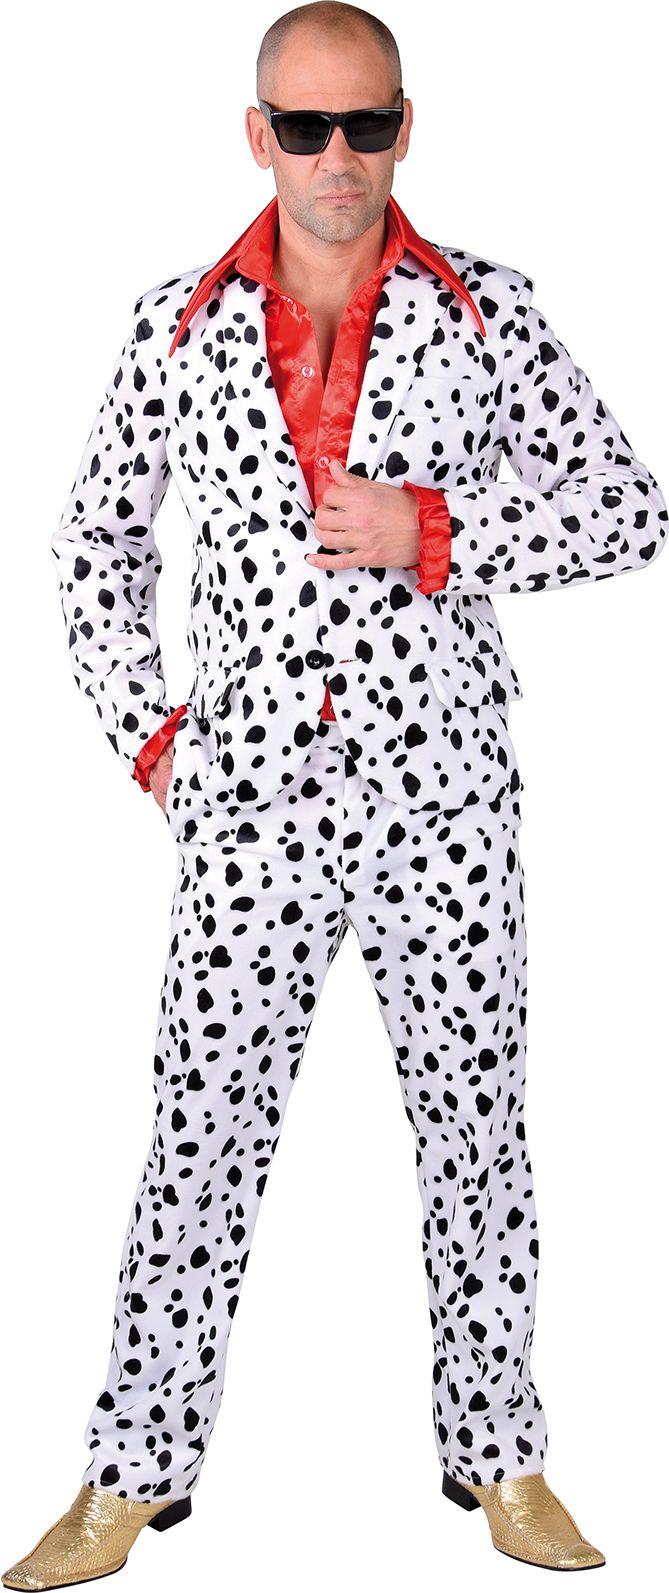 Maatpak Dalmatier mannen